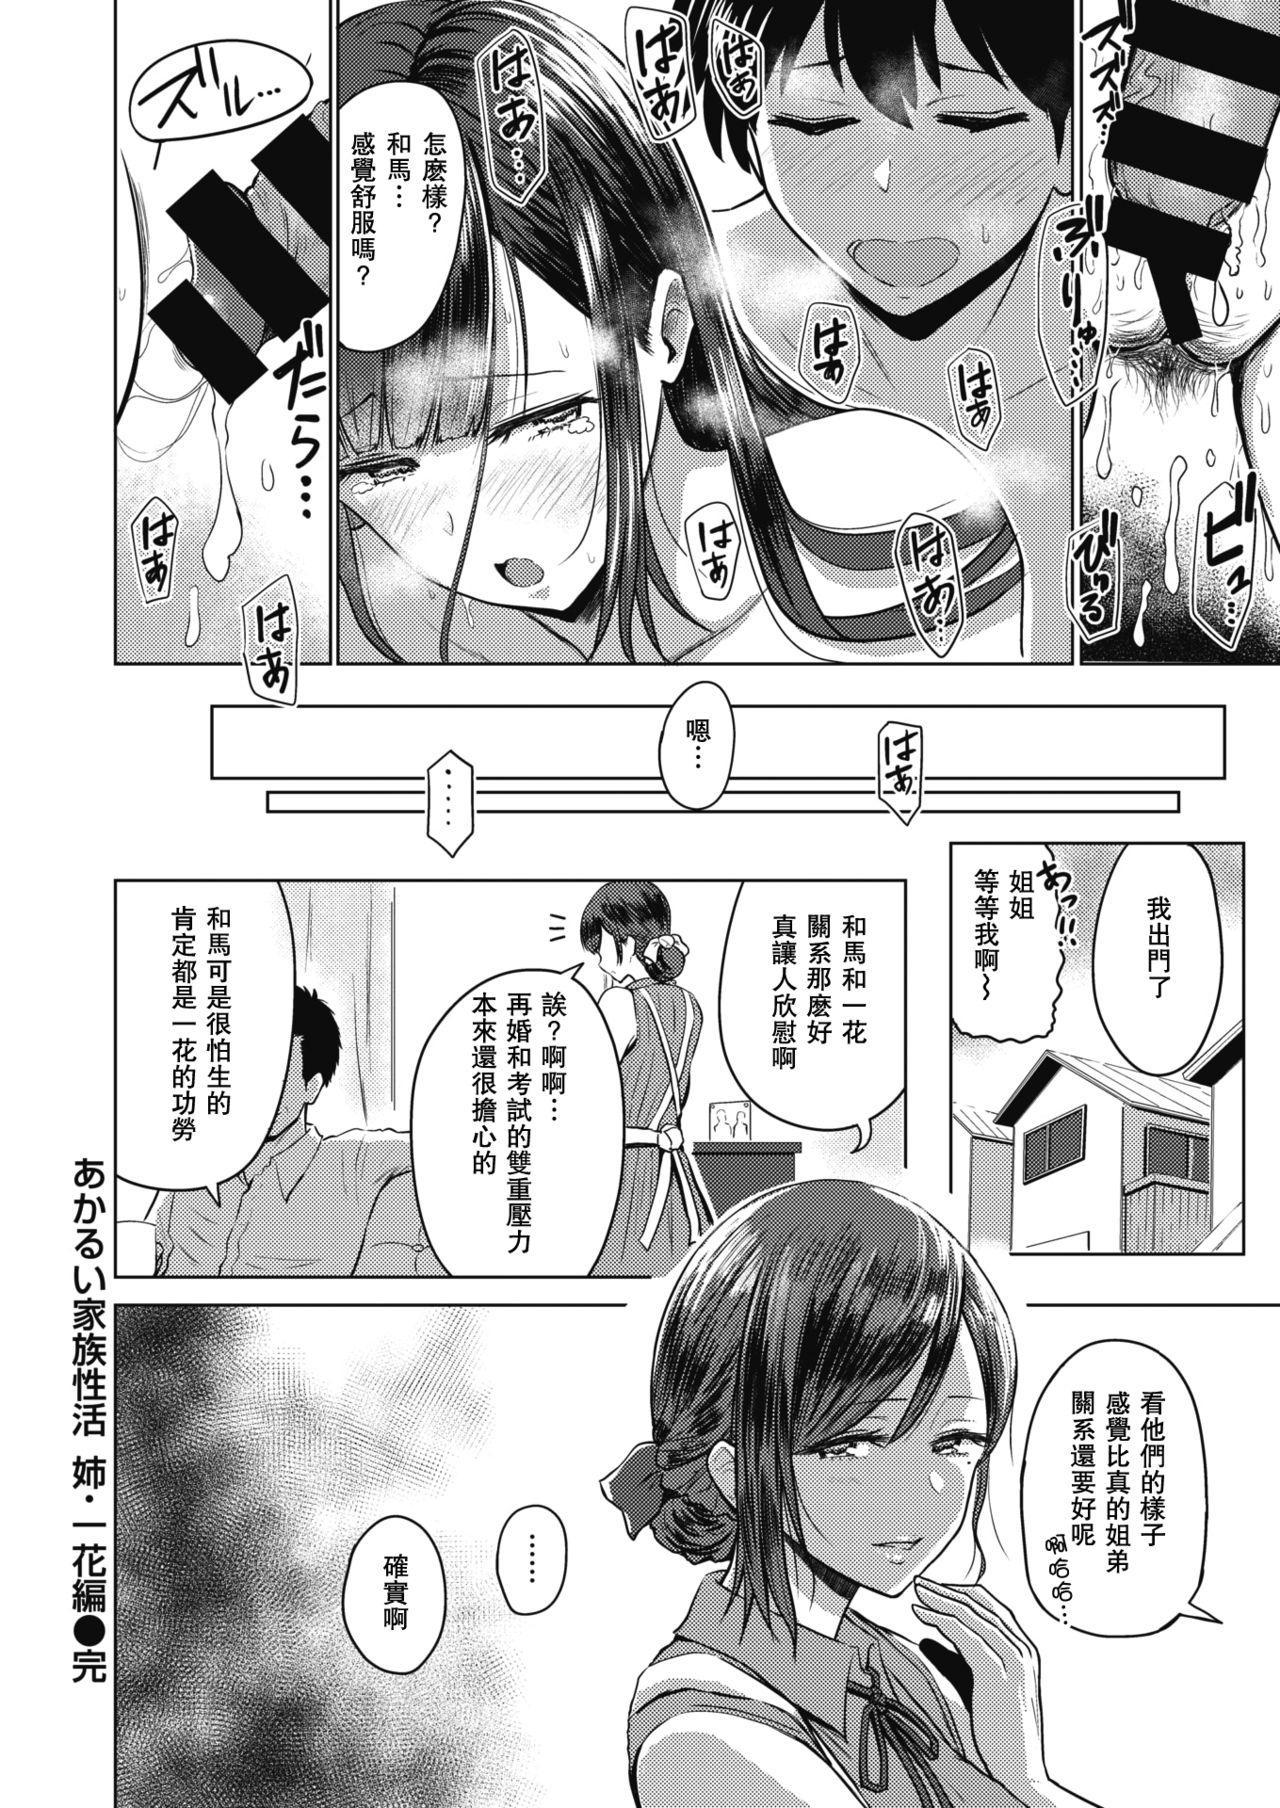 Akarui Kazoku Seikatsu Ane Ichika Hen 15